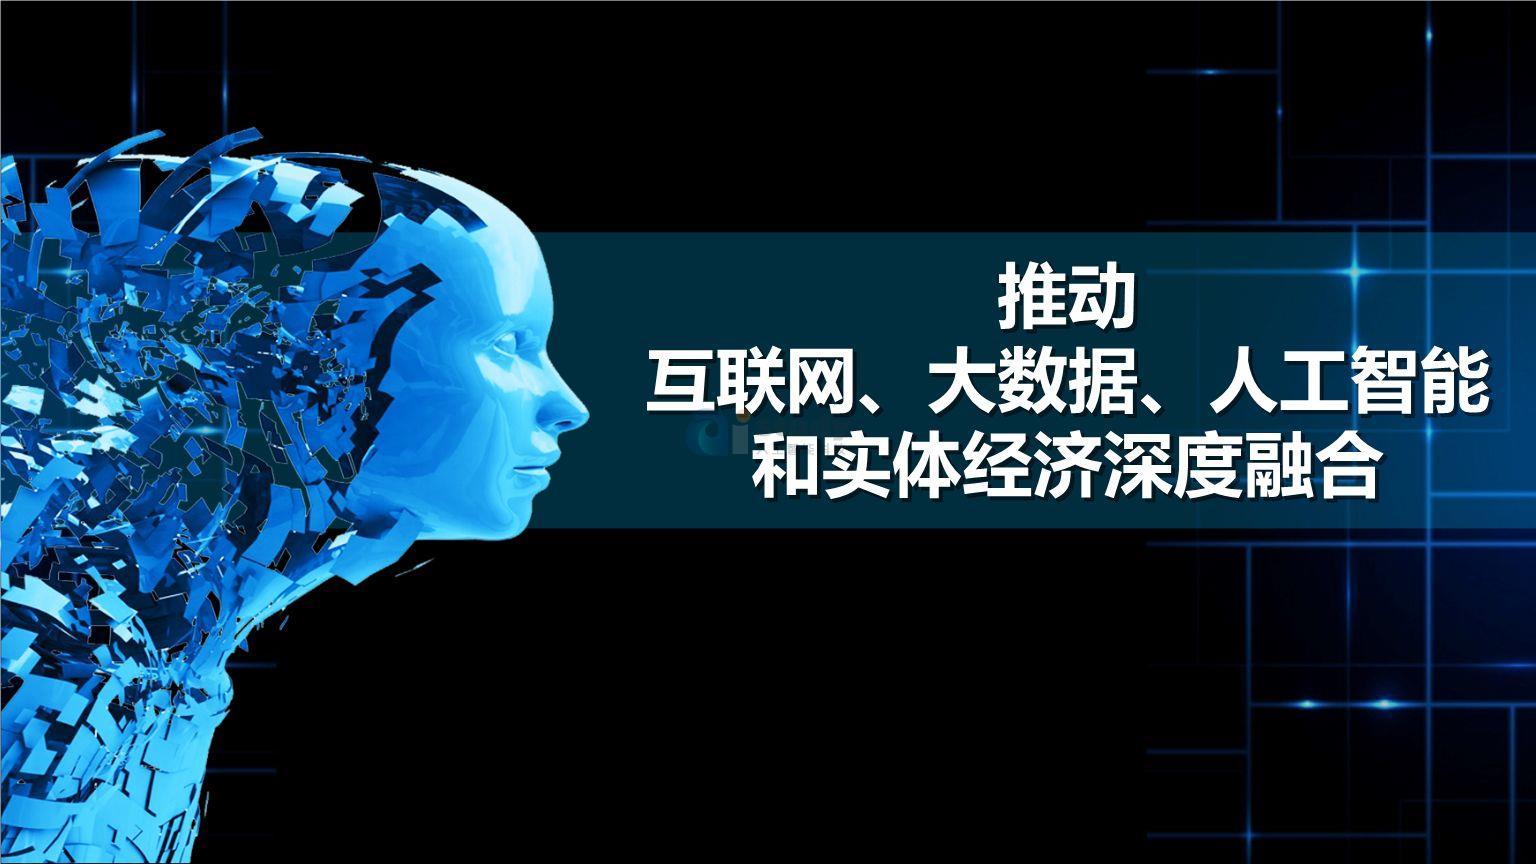 人工智能核心技术创新和深度融合应用